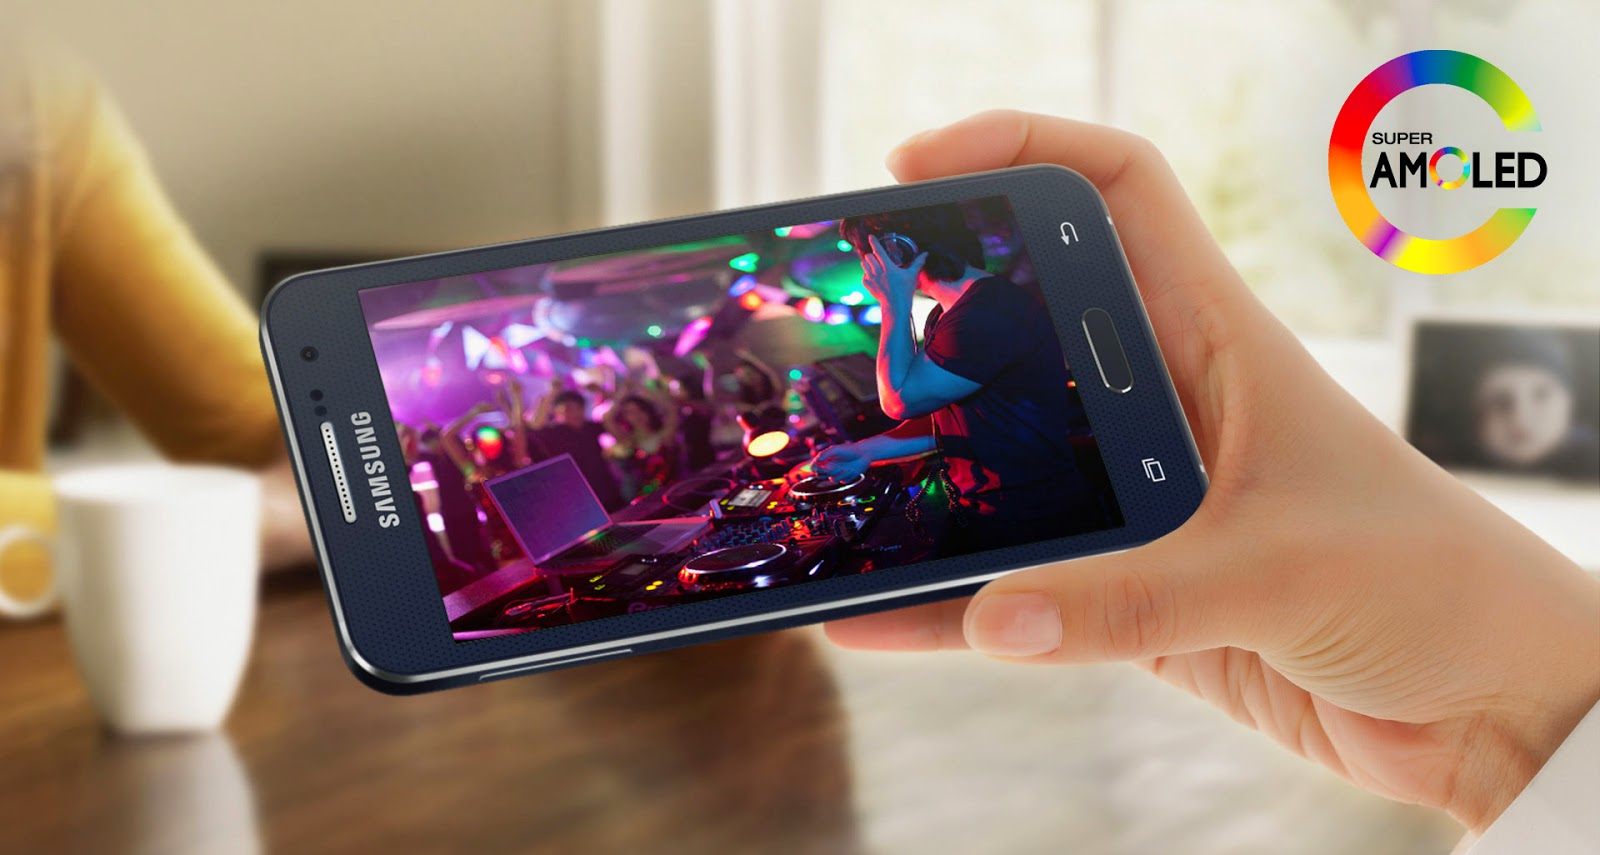 Мобильный телефон смартфон Samsung SM-A300F Galaxy A3 Black в цветном металлическом корпусе